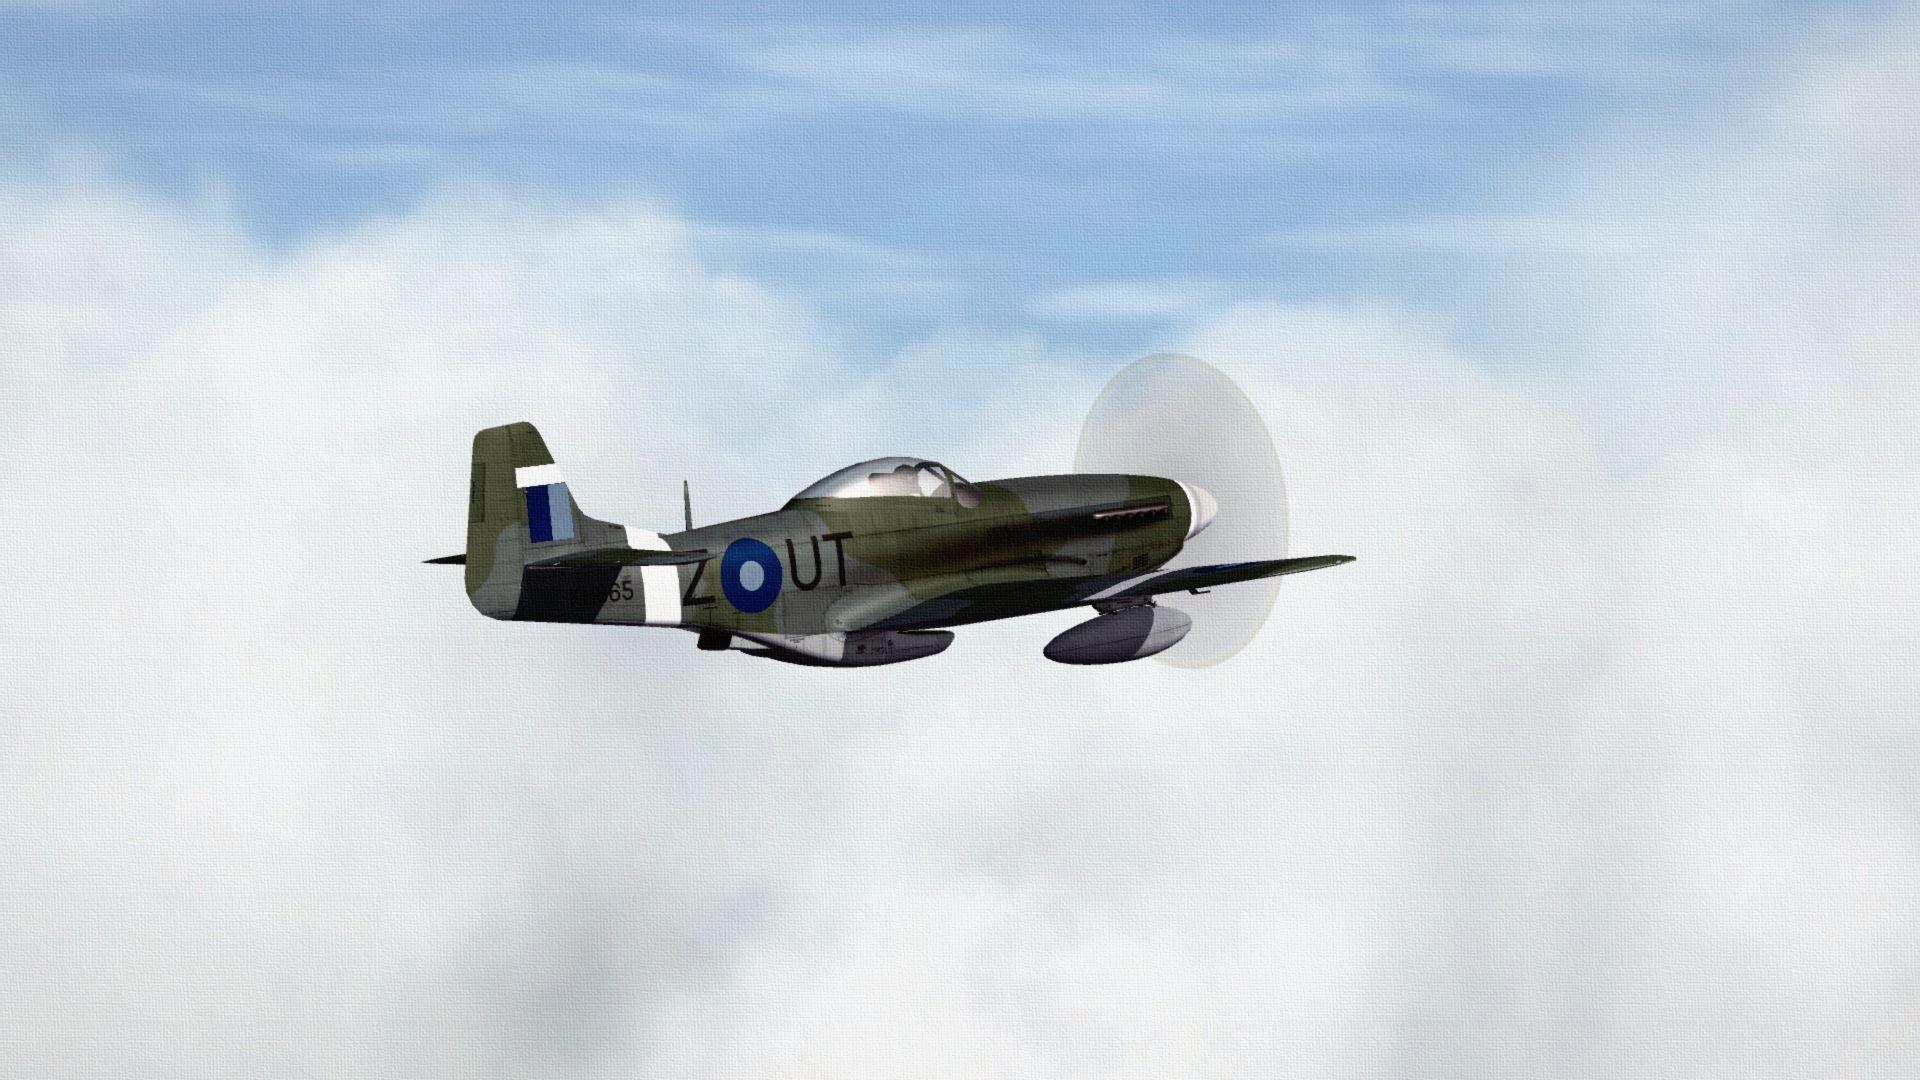 RAFP-51DMUSTANG405_zps6aeecc99.jpg